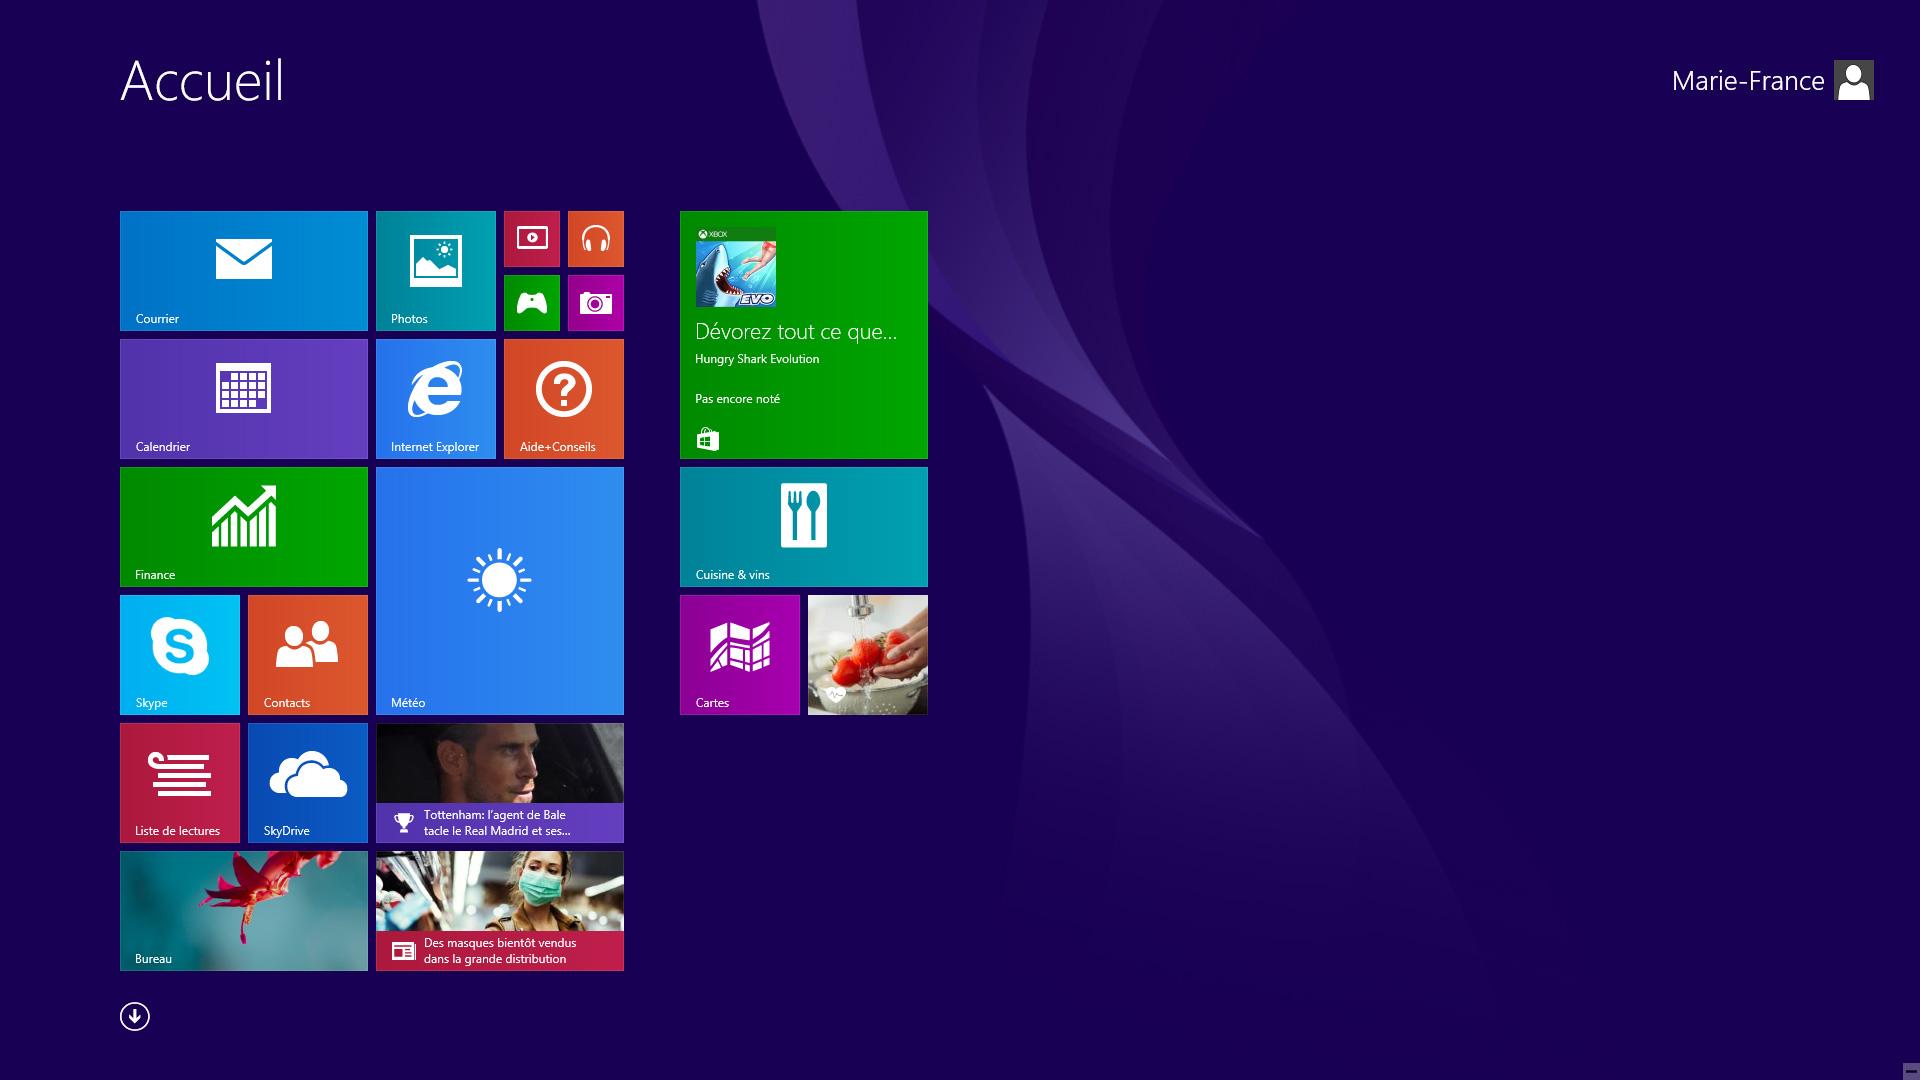 Le menu déroutant de Windows 8.1